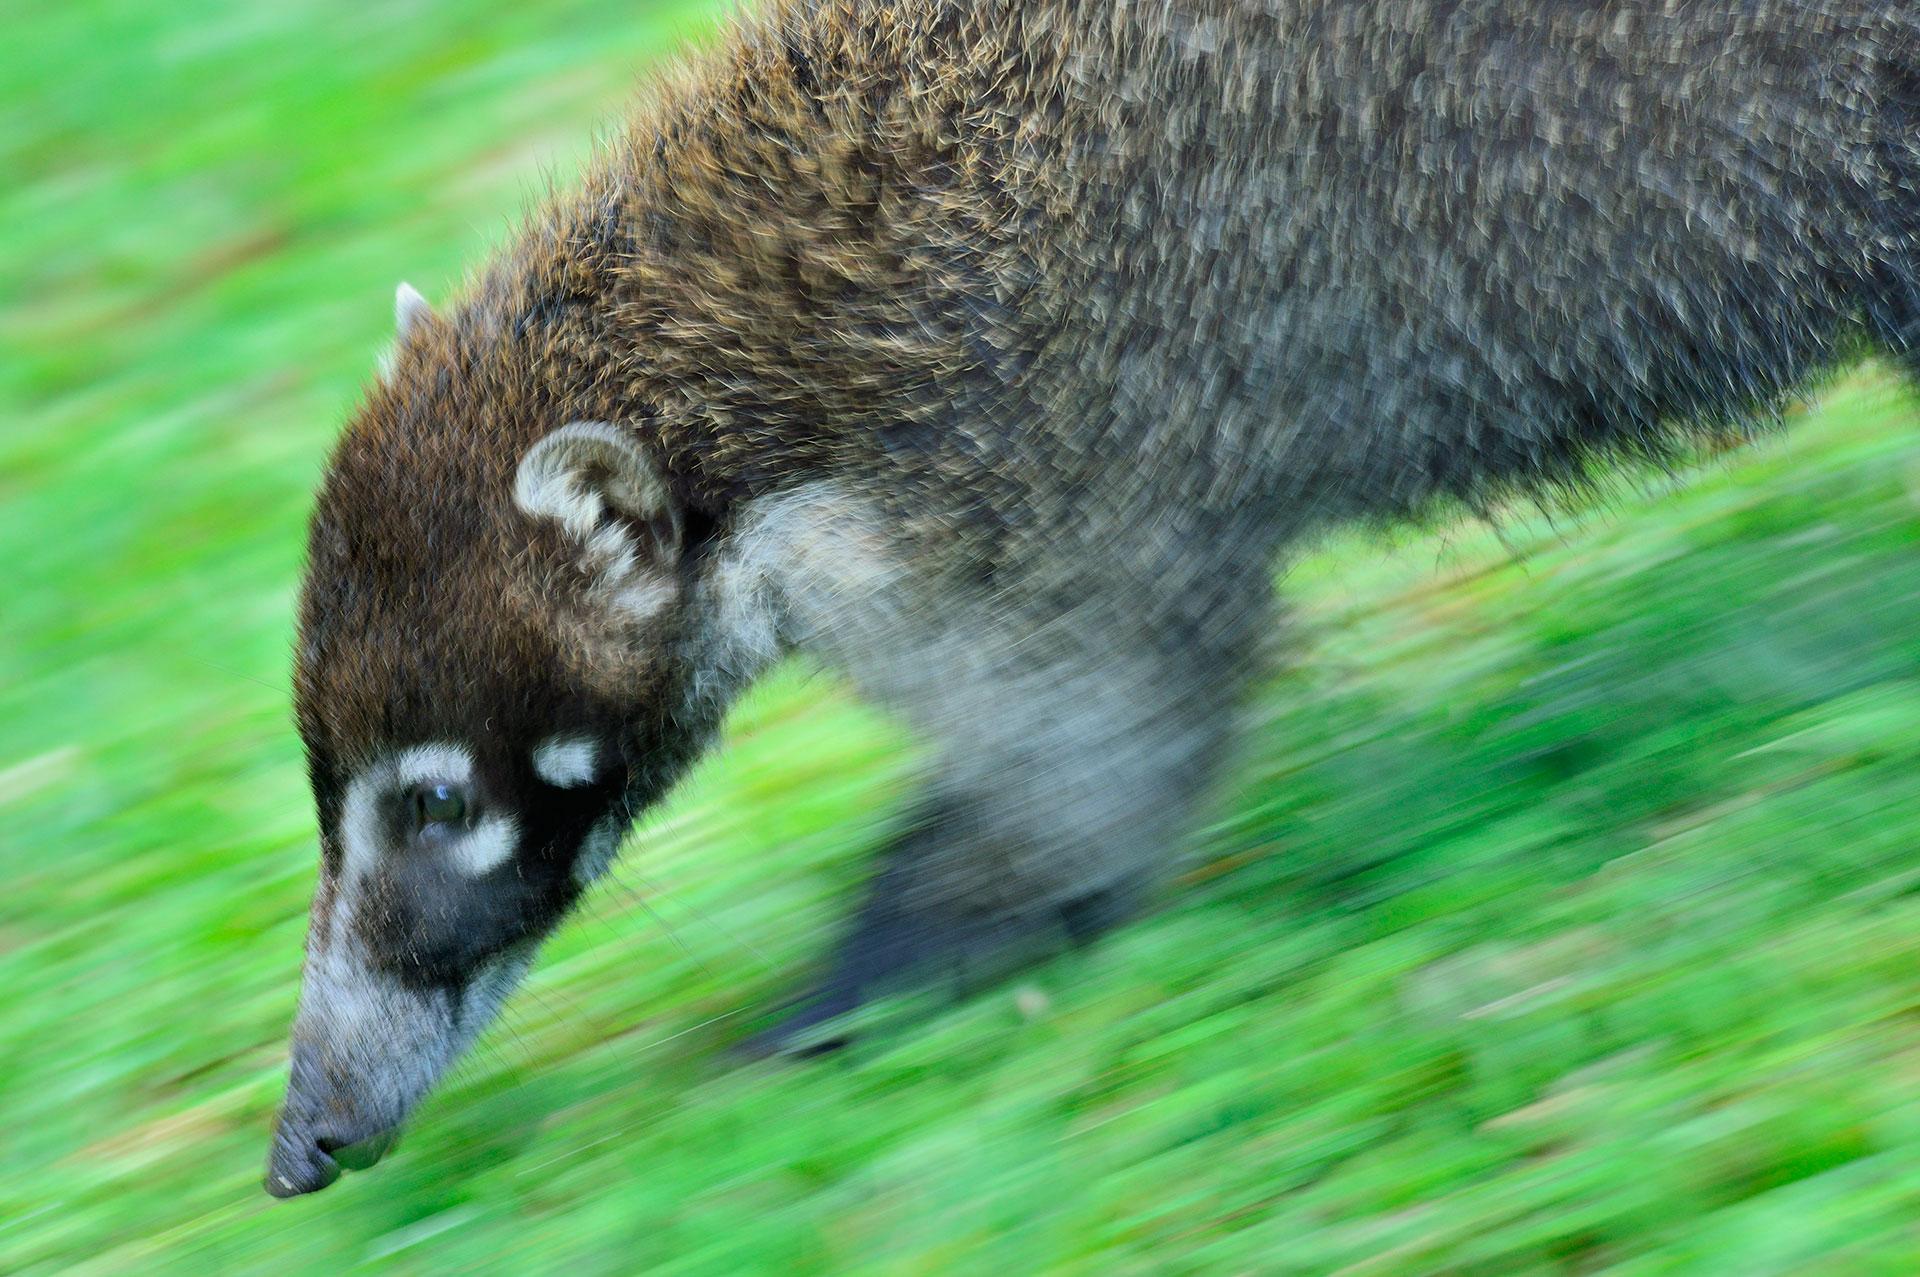 Een neusbeer komt voorbijgelopen en met lange sluitertijd meebewegend gefotografeerd.